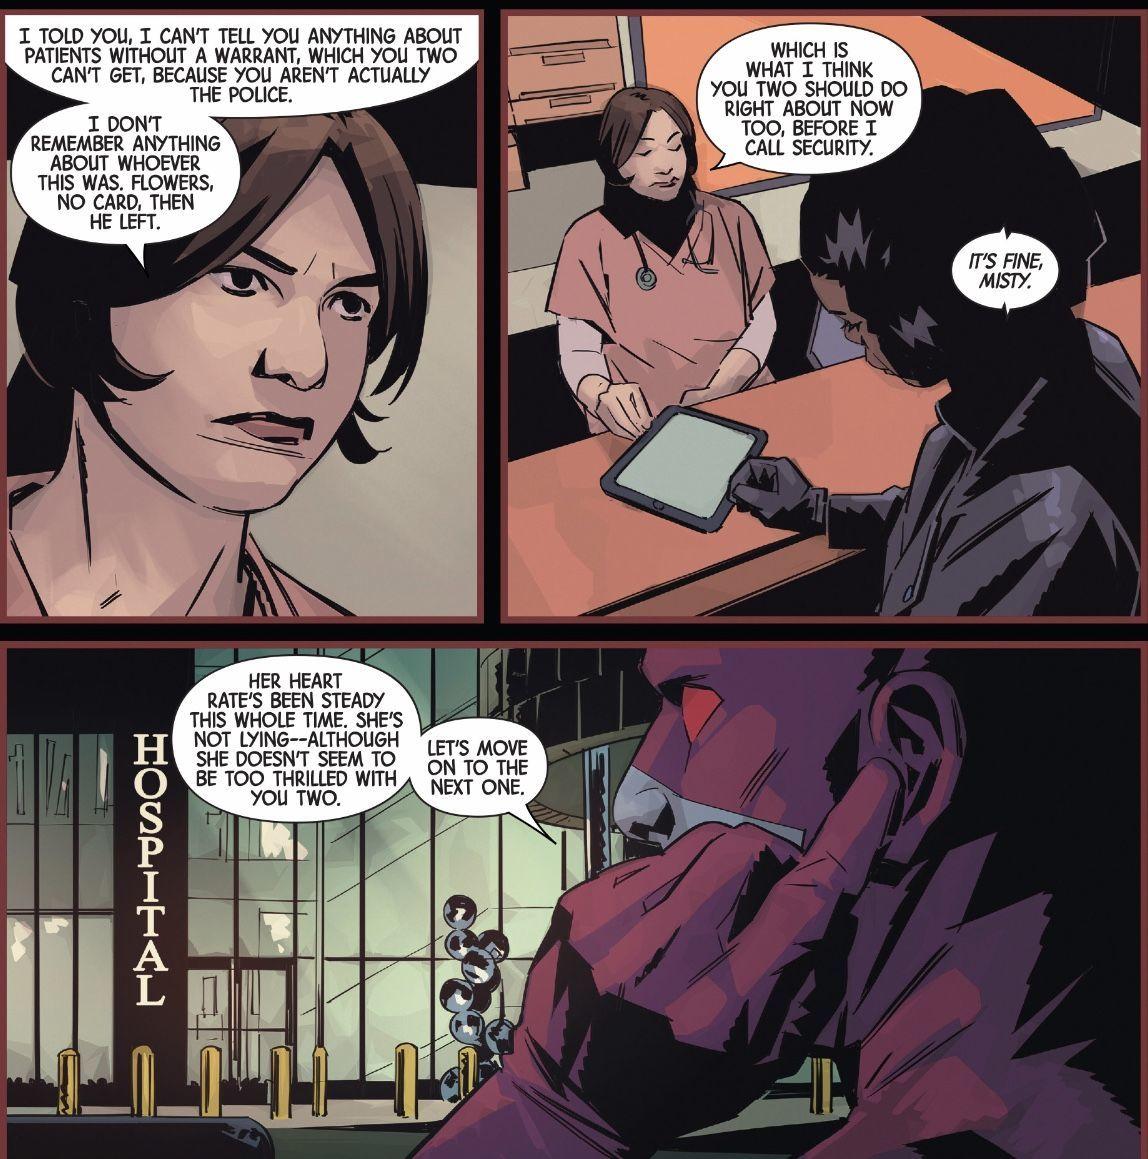 Daredevil-Misty-3